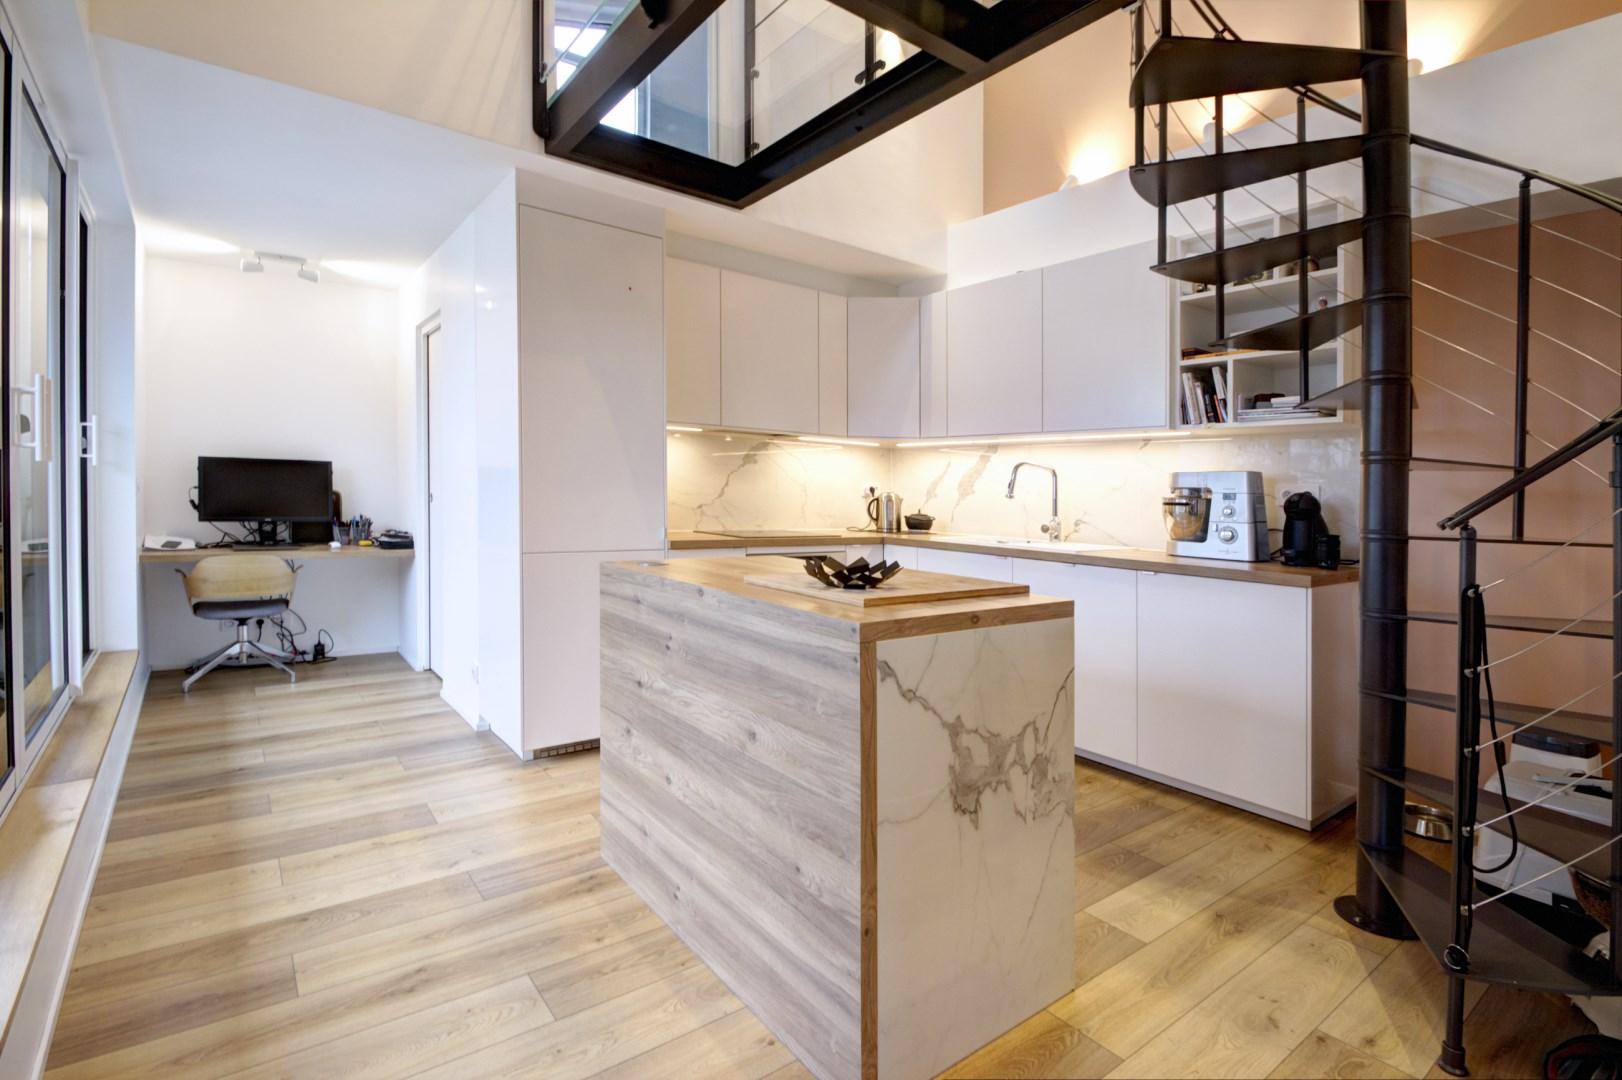 Hauteur Sous Plafond 2M40 aménagement appartement vefa passerelle escalier colimaçon